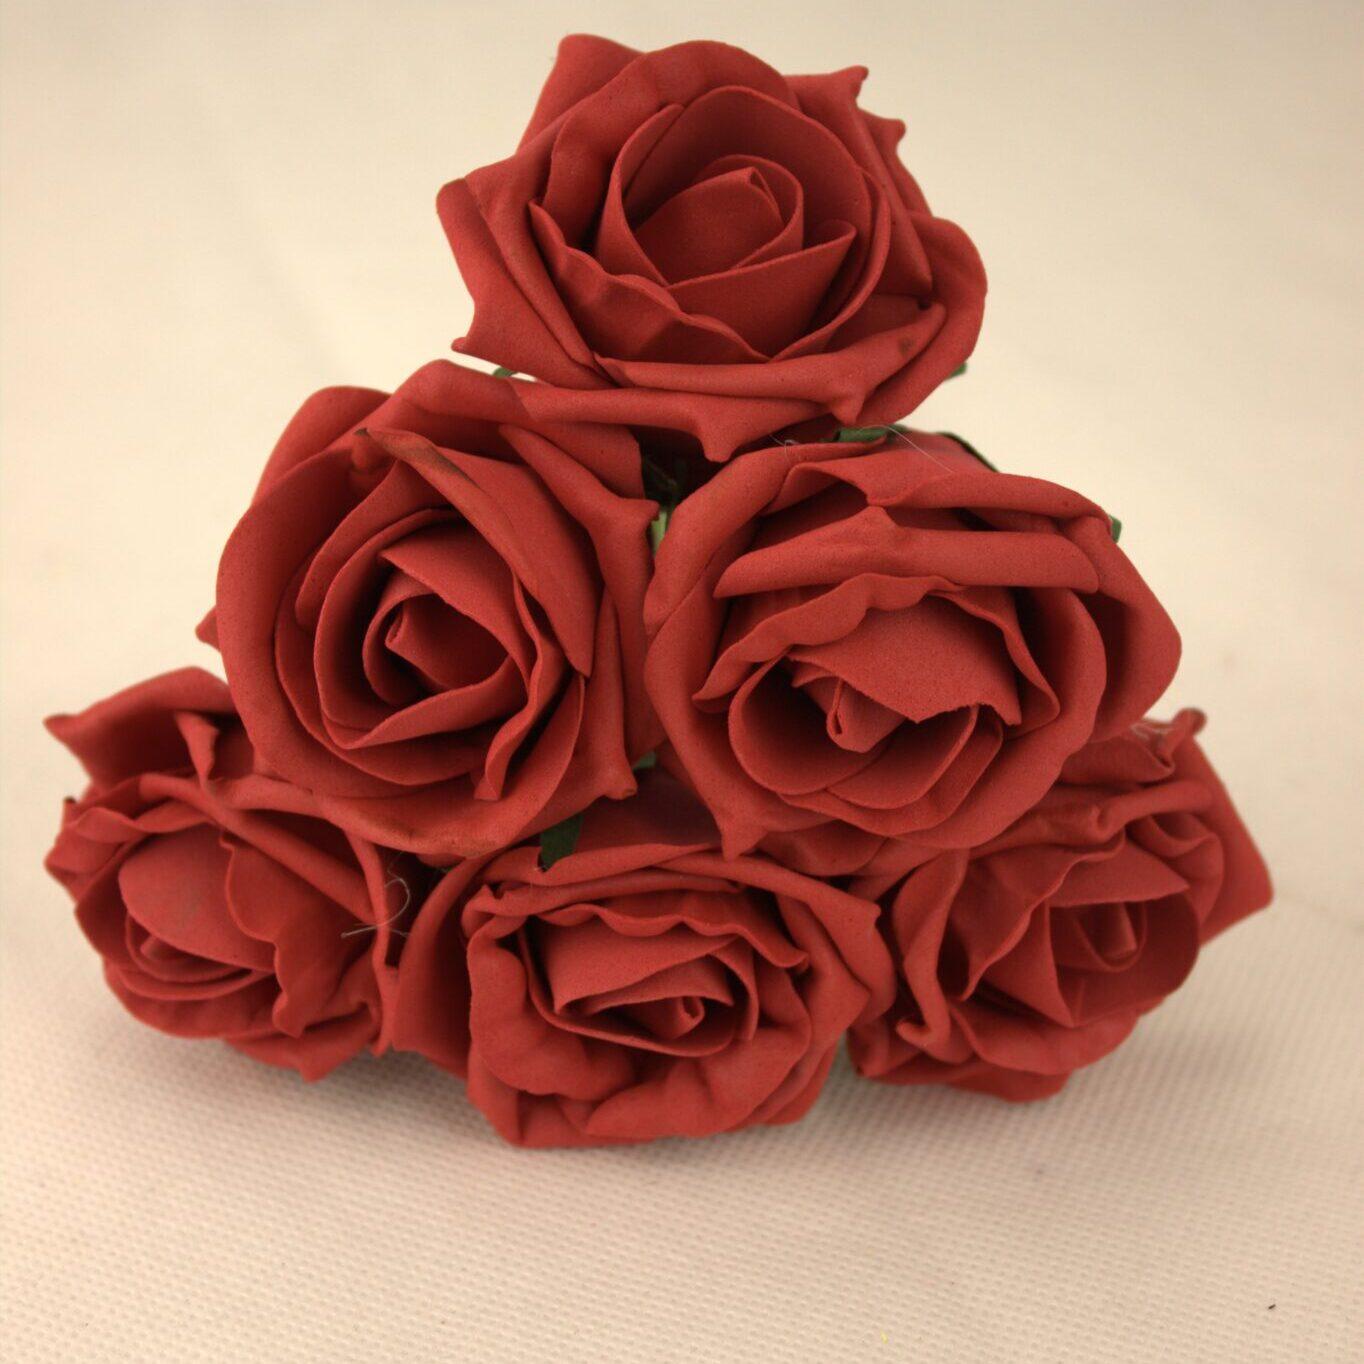 VG5 Ruby Red